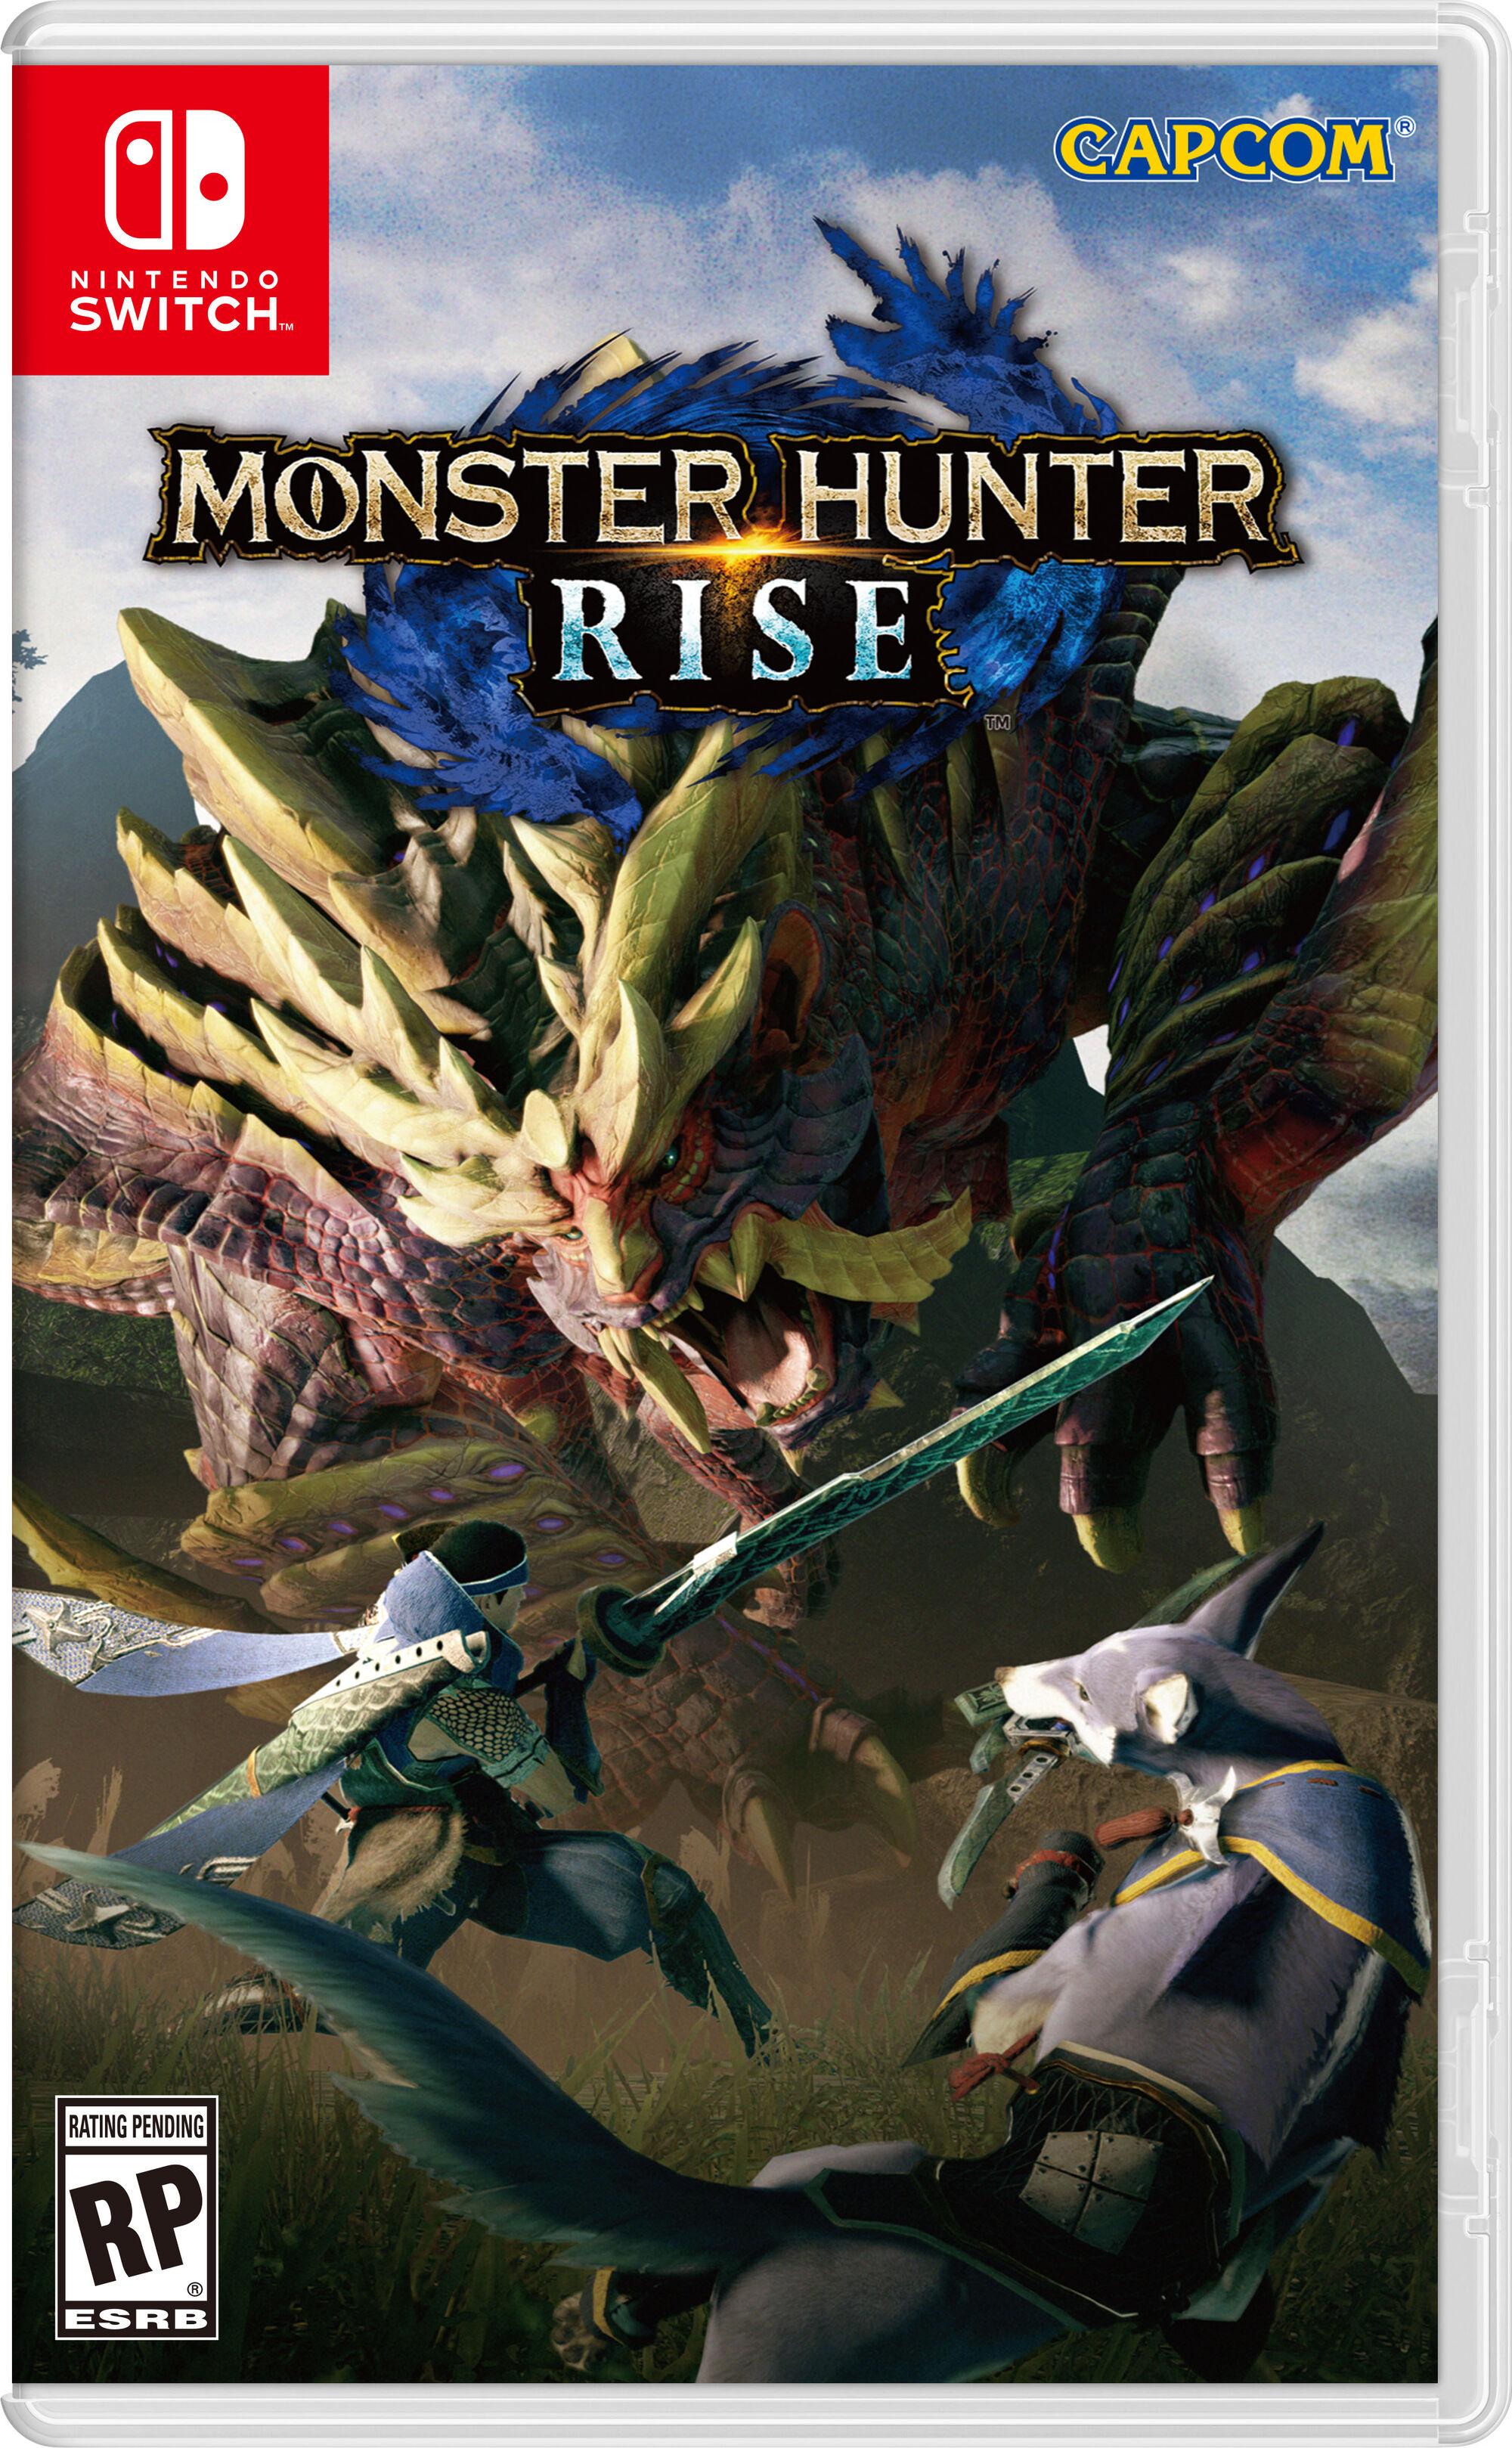 monsterhunter.fandom.com